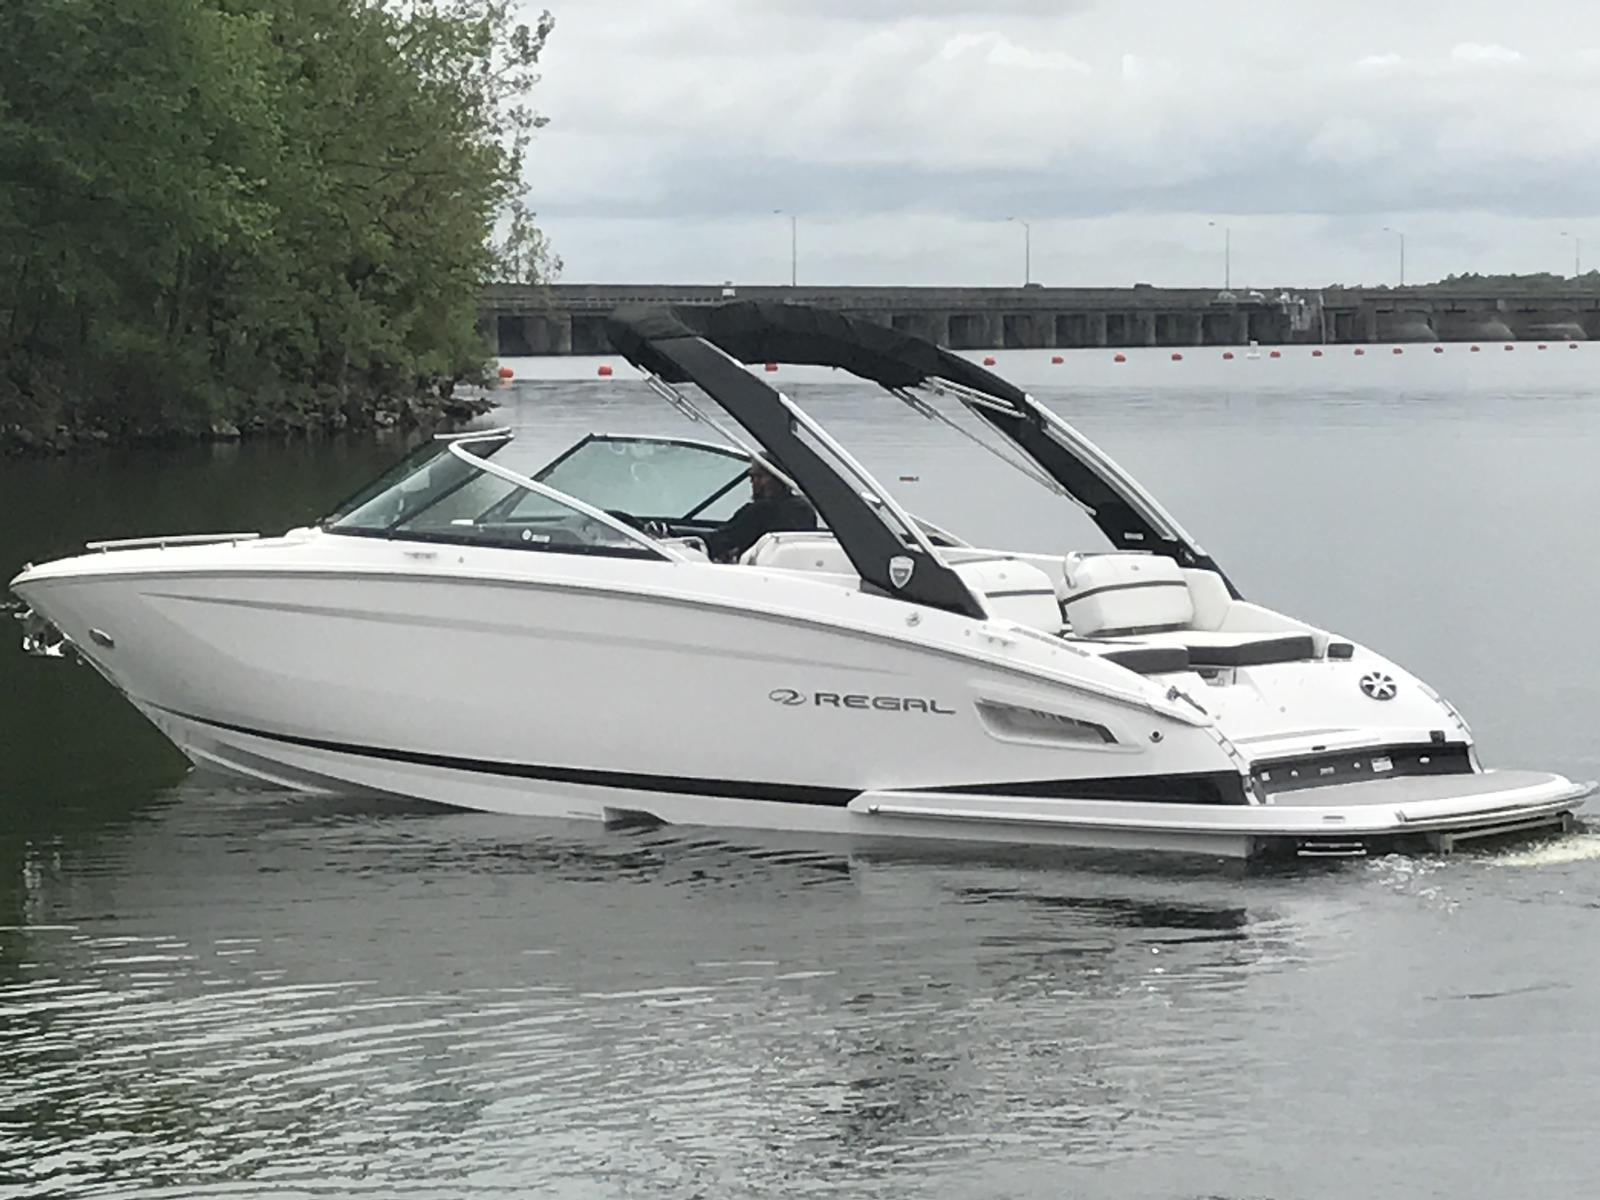 2017 regal 2800 28 foot 2017 regal motor boat in disney ok 4429536519 used boats on oodle. Black Bedroom Furniture Sets. Home Design Ideas